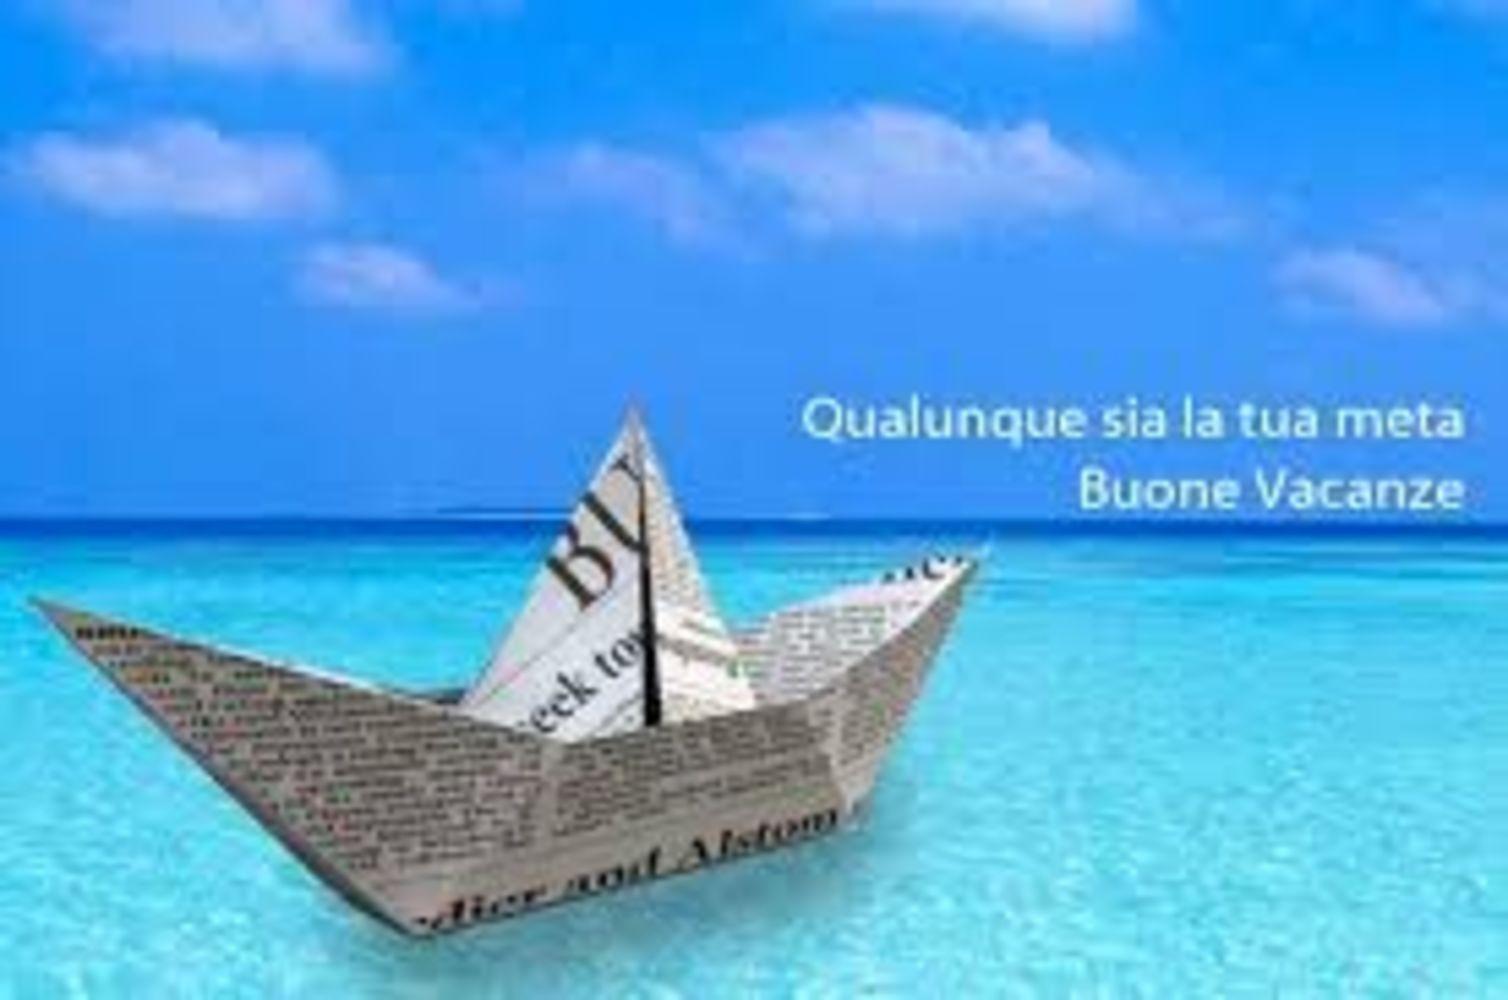 Buon-Ferragosto-Immagini-per-Whatsapp-12